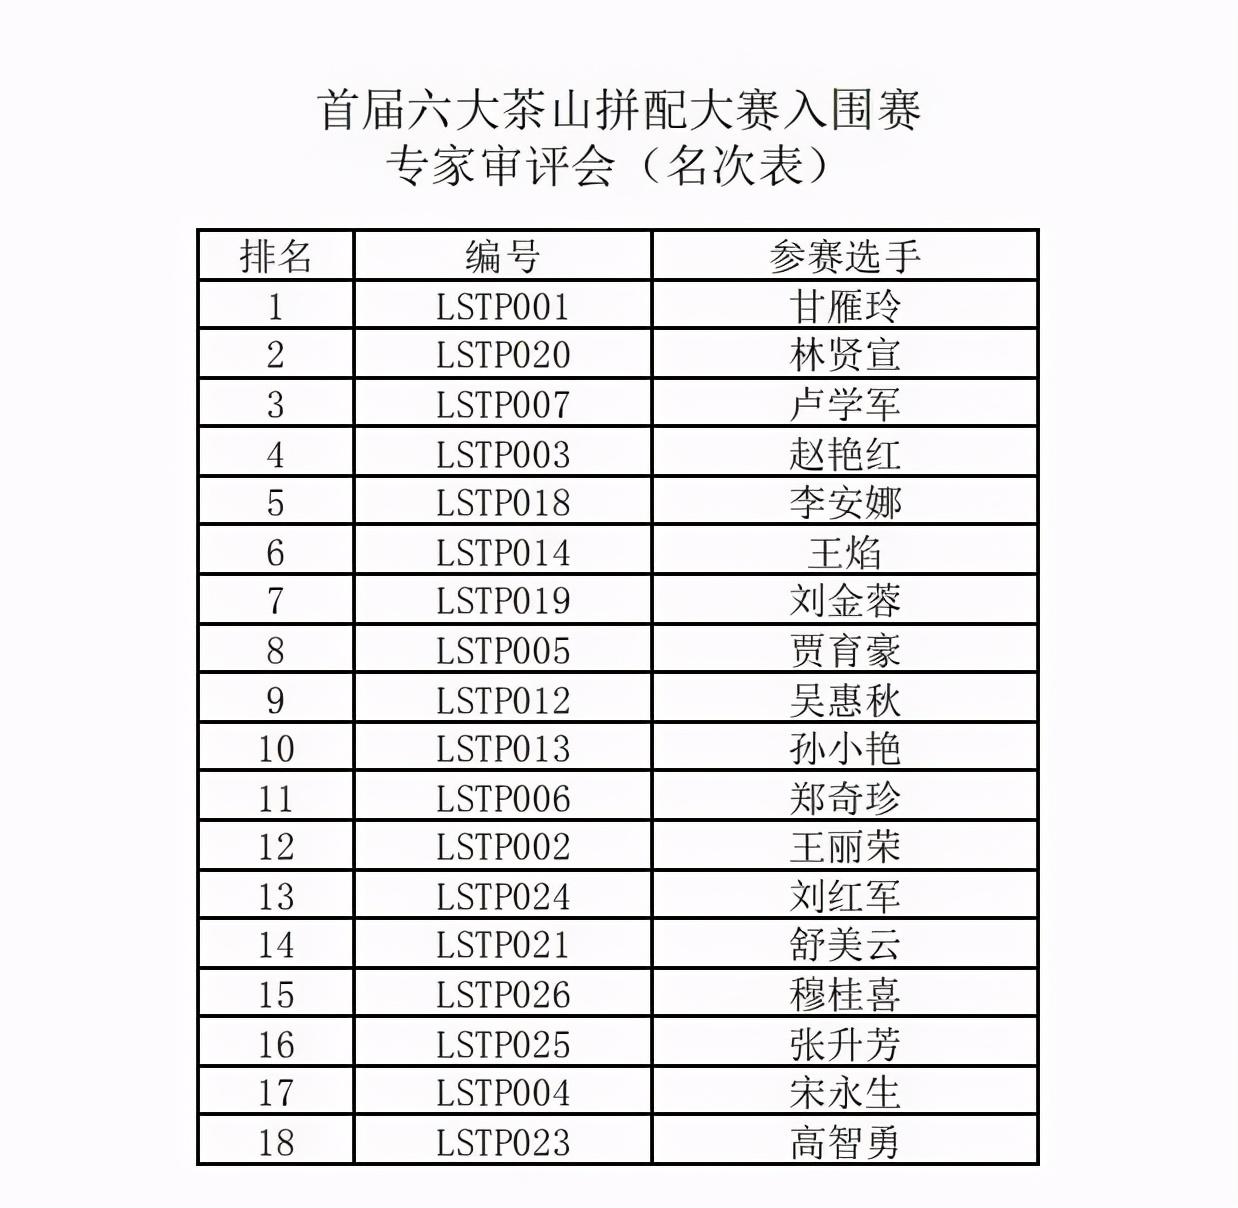 首届六大茶山拼配大赛「巅峰对决」决赛18强名单出炉啦